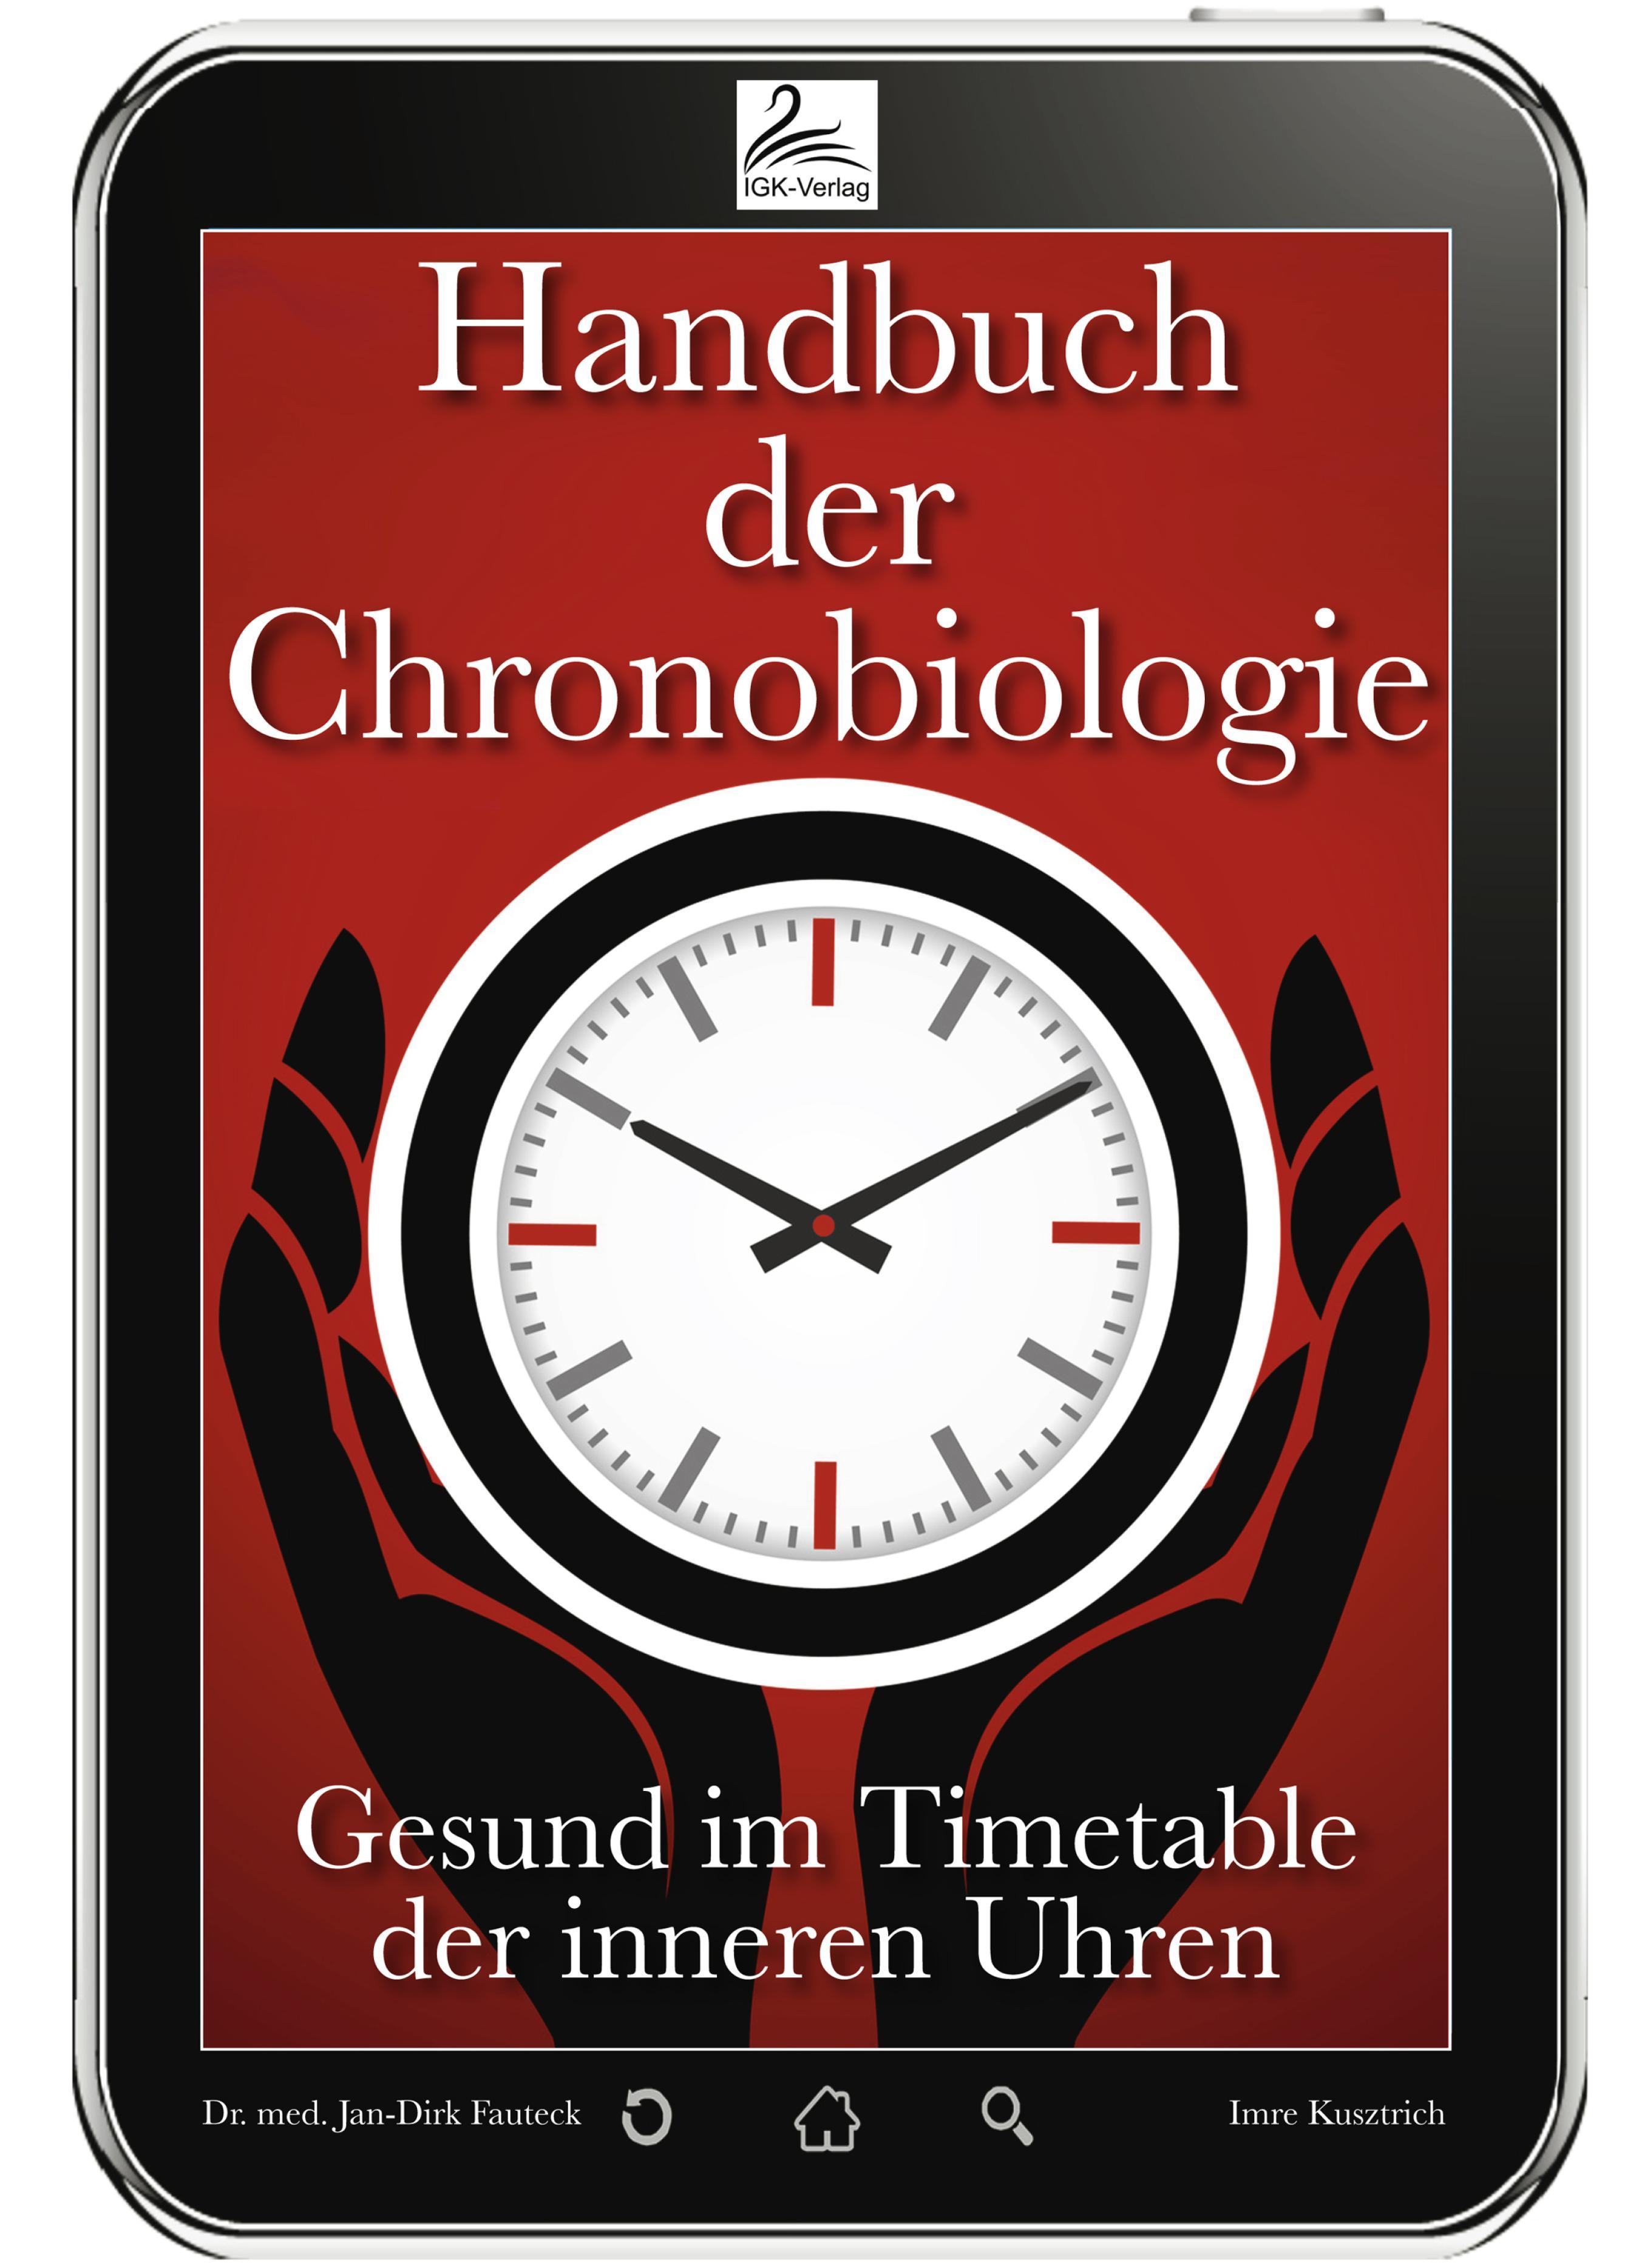 Dr. med. Jan-Dirk Fauteck Handbuch der Chronobiologie тонометр b well med 57